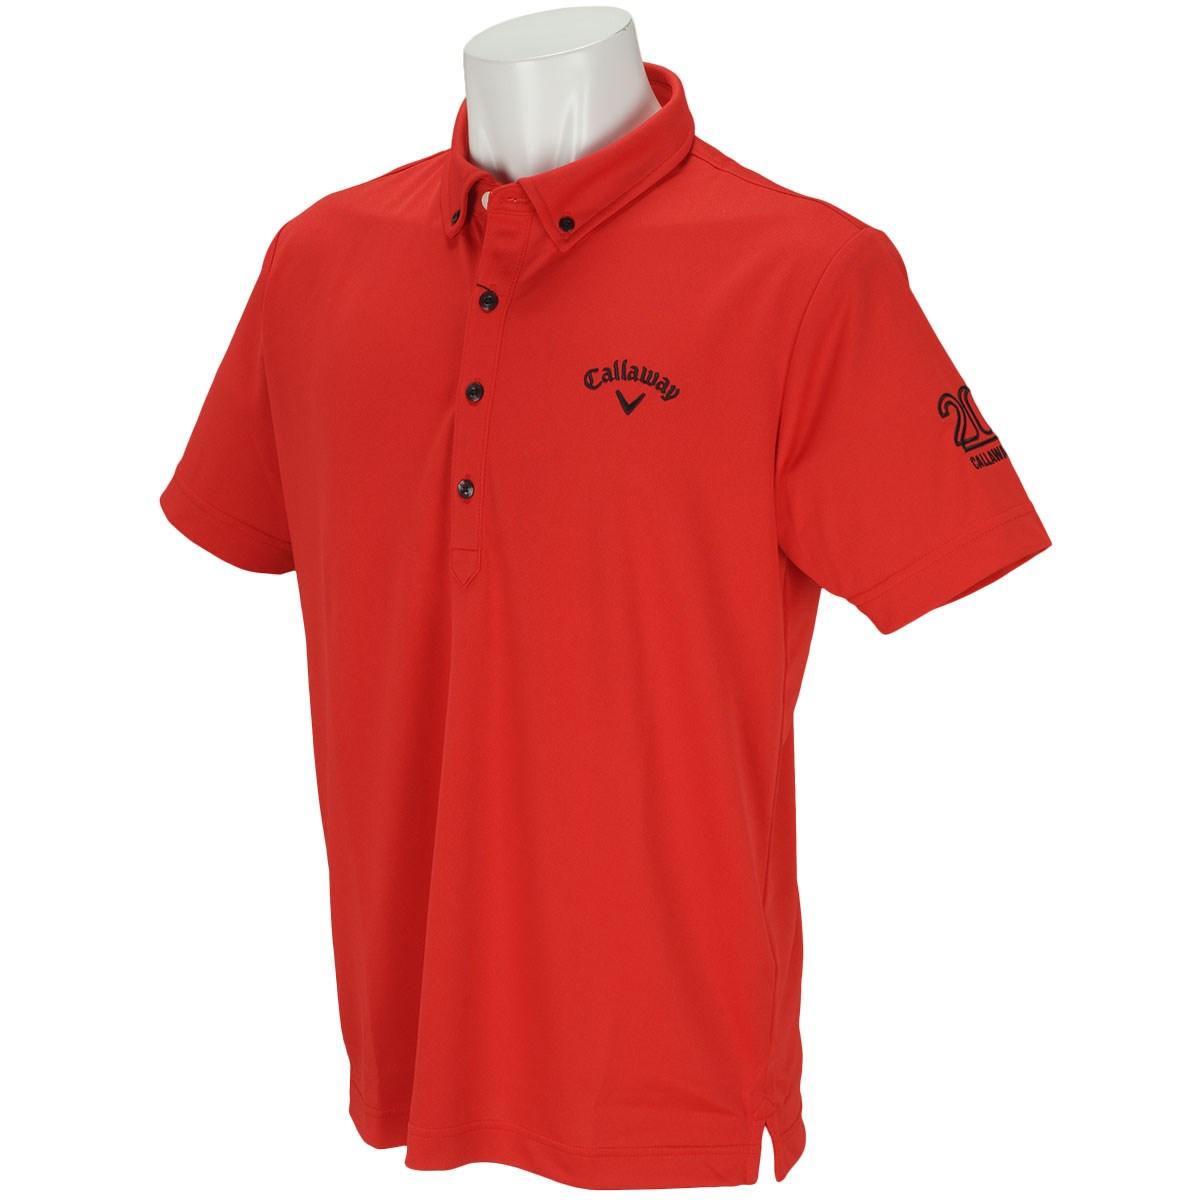 キャロウェイゴルフ(Callaway Golf) LOTUS MAGIC ボタンダウンボックス半袖ポロシャツ